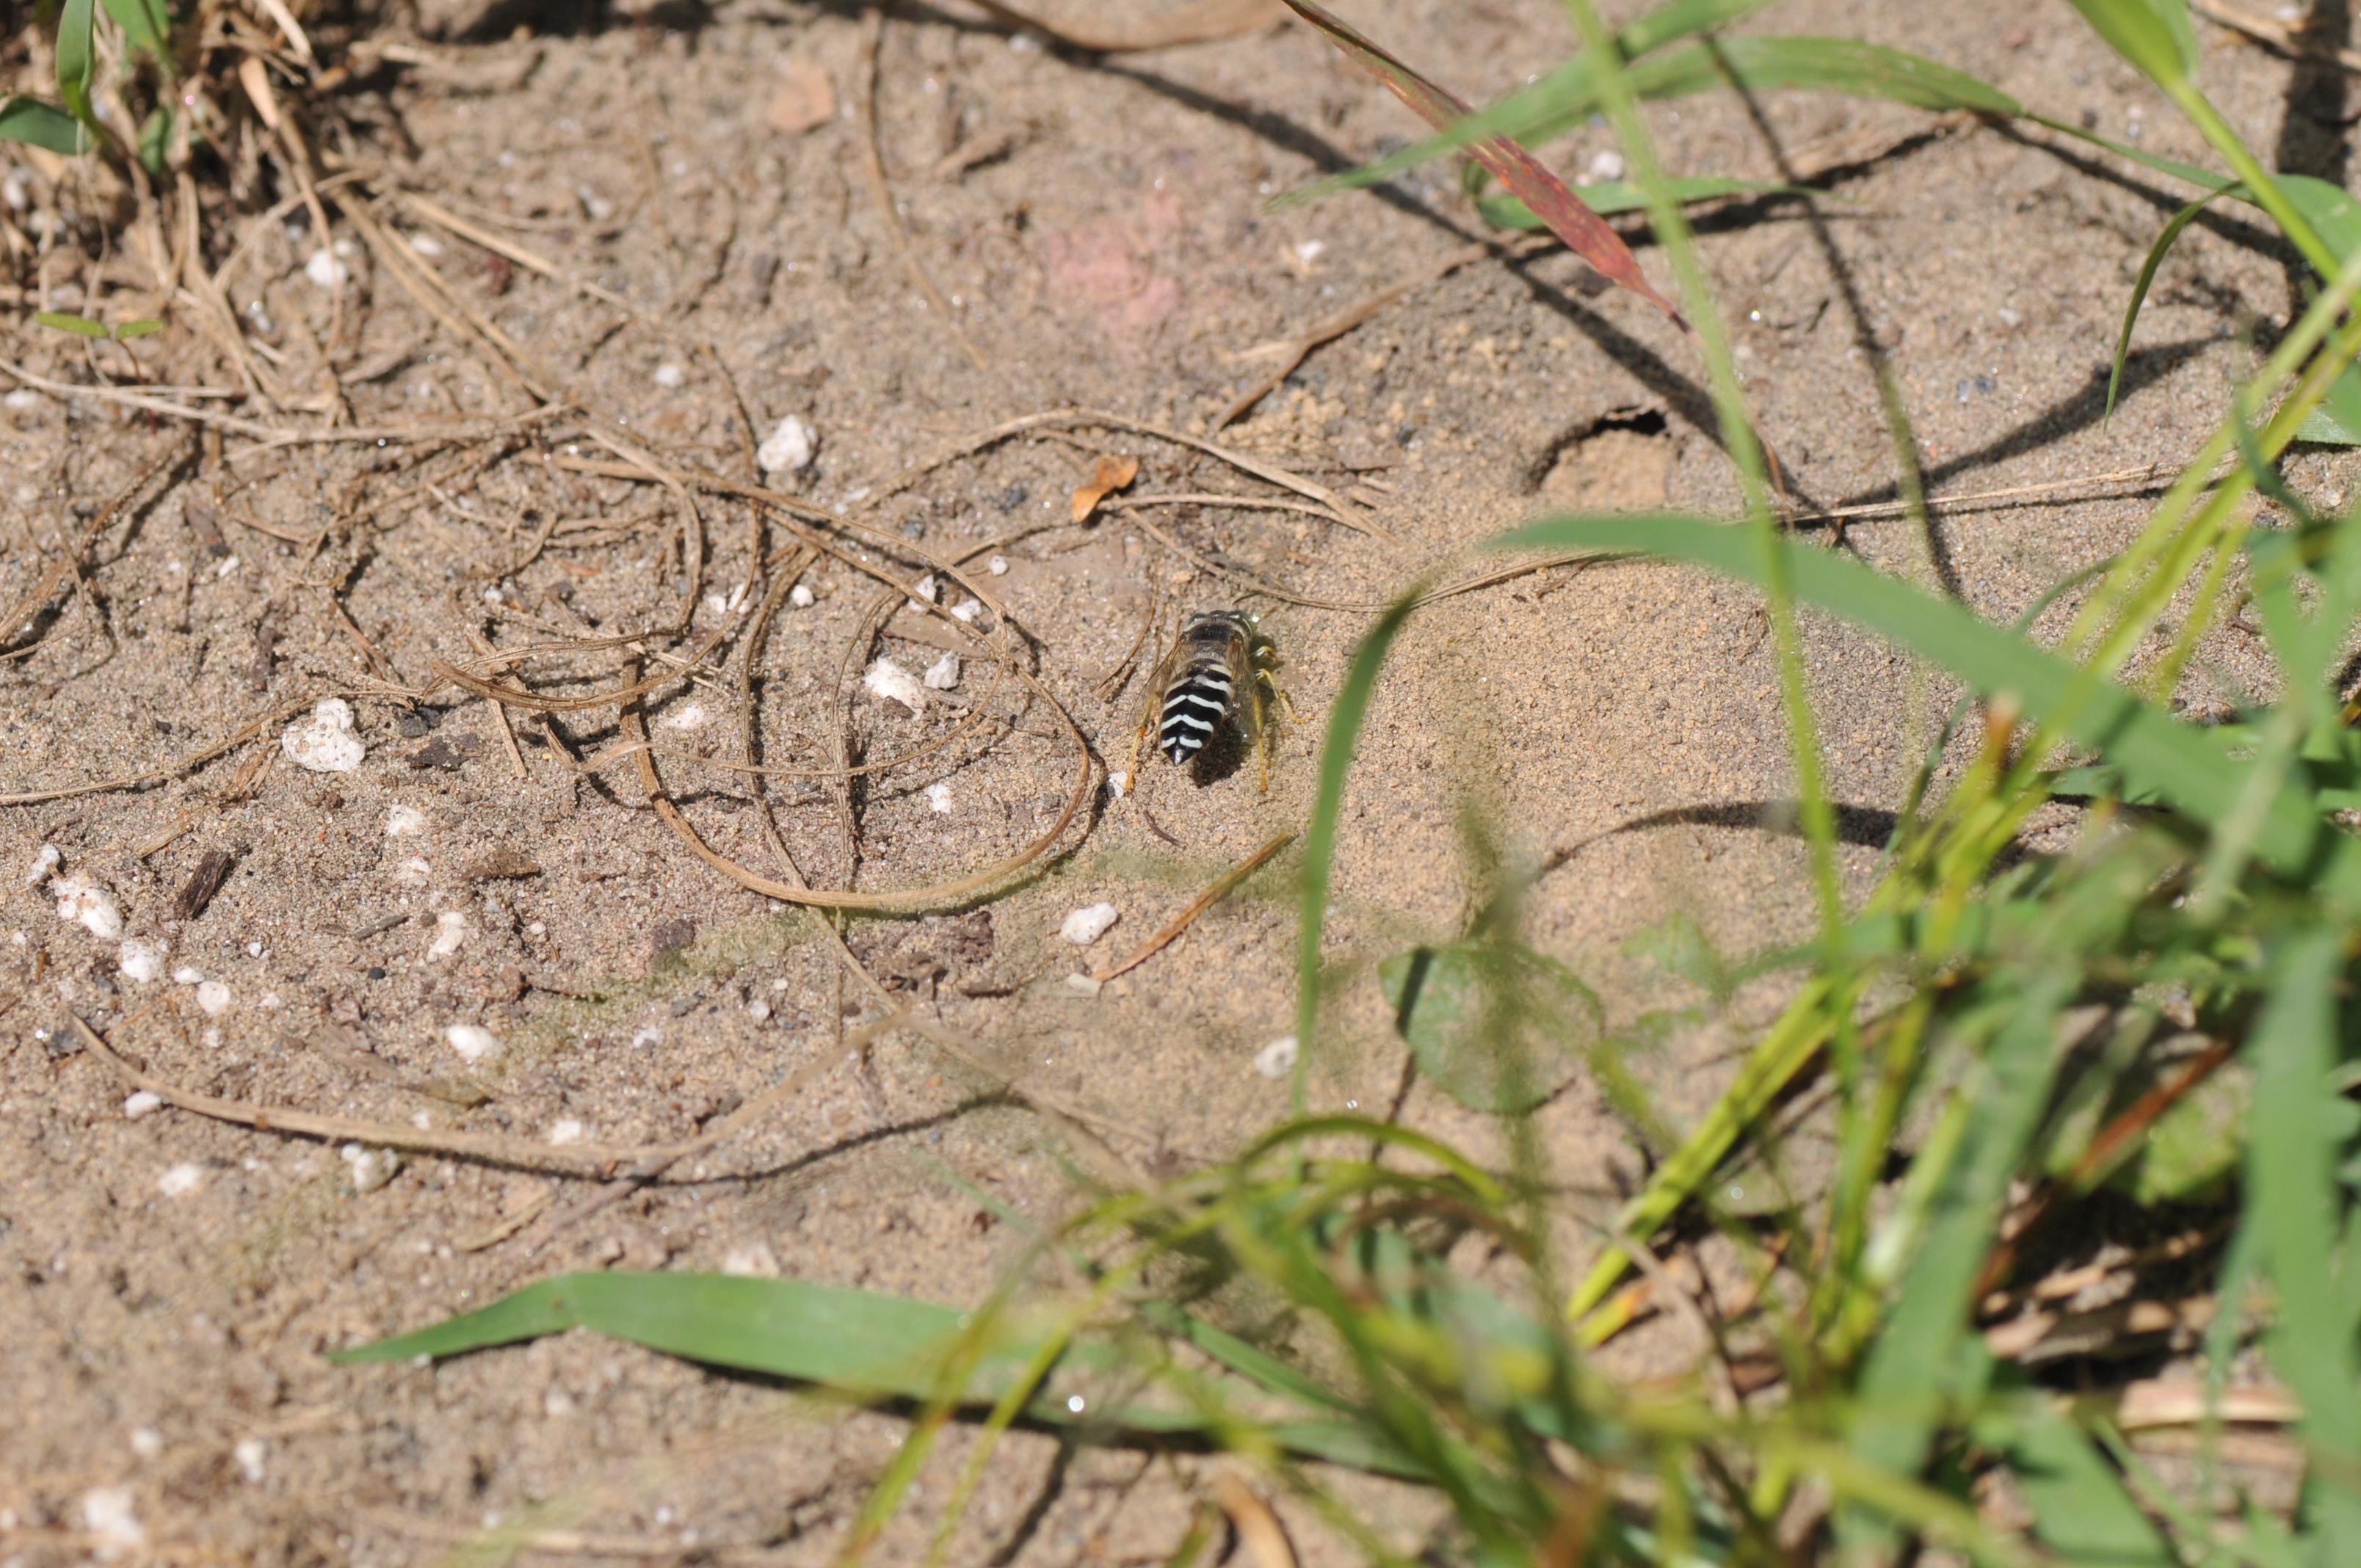 Sand wasp digging